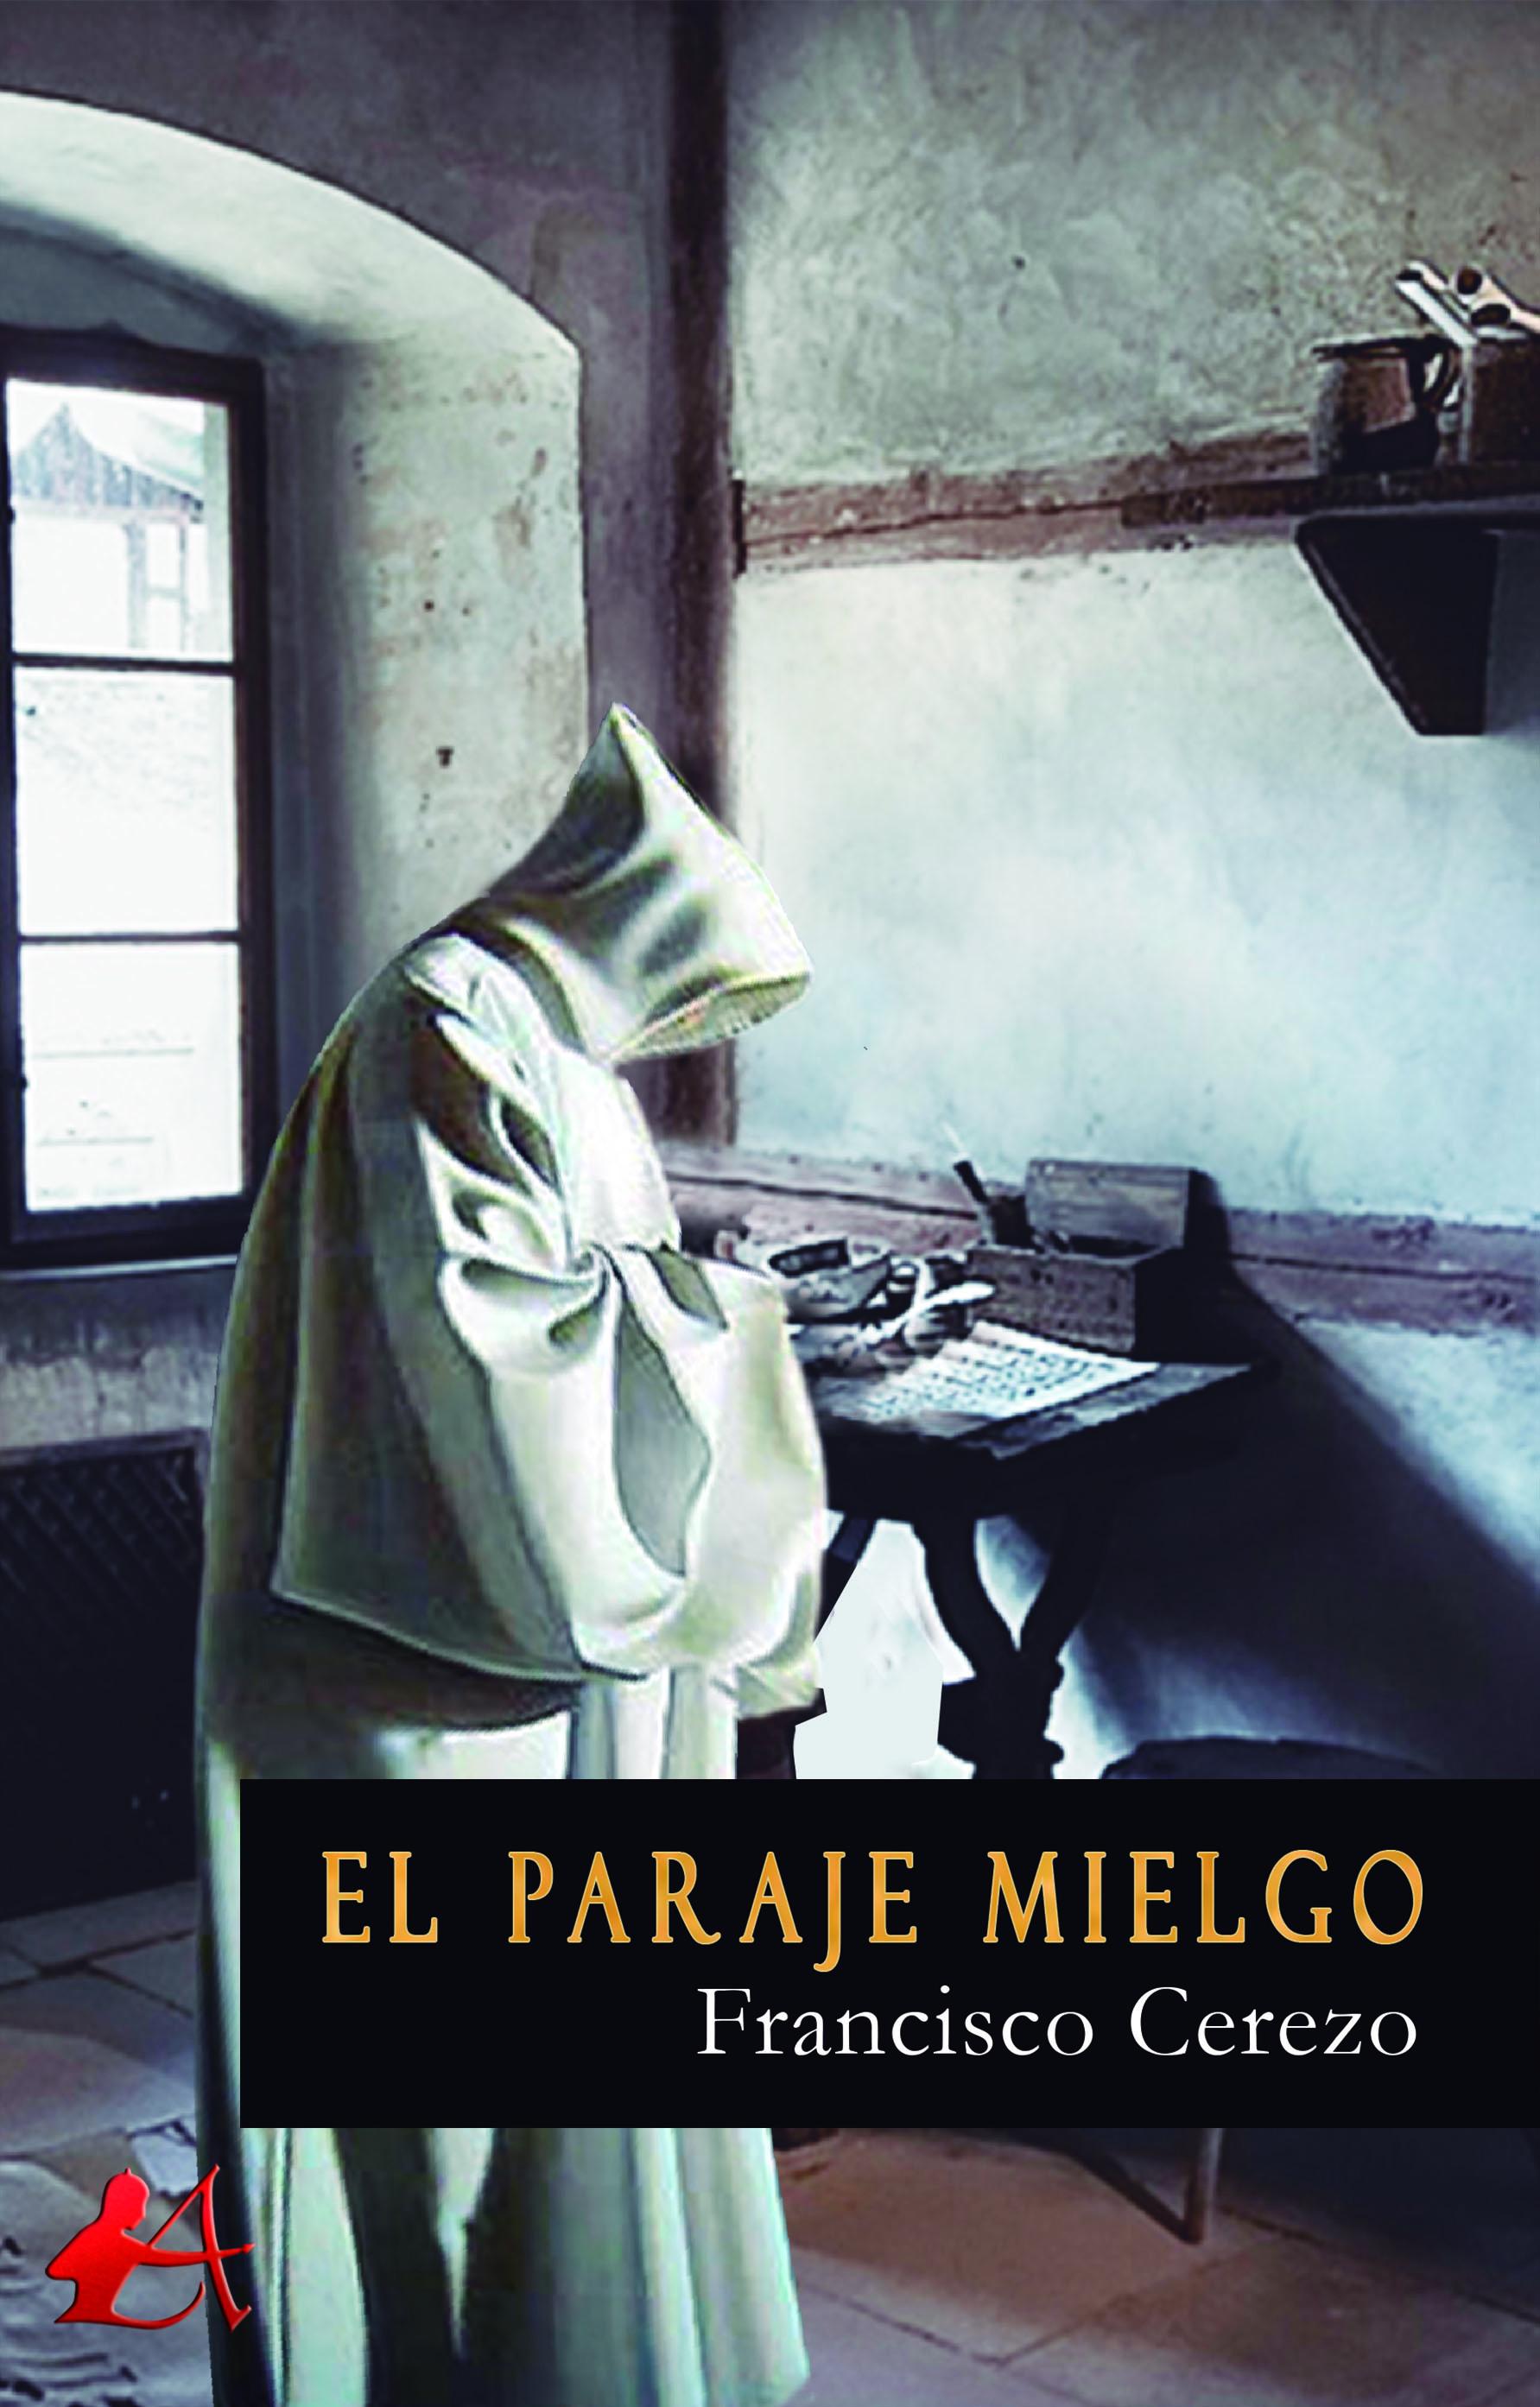 Portada del libro El paraje mielgo de Francisco Cerezo. Editorial Adarve, Editoriales actuales de España